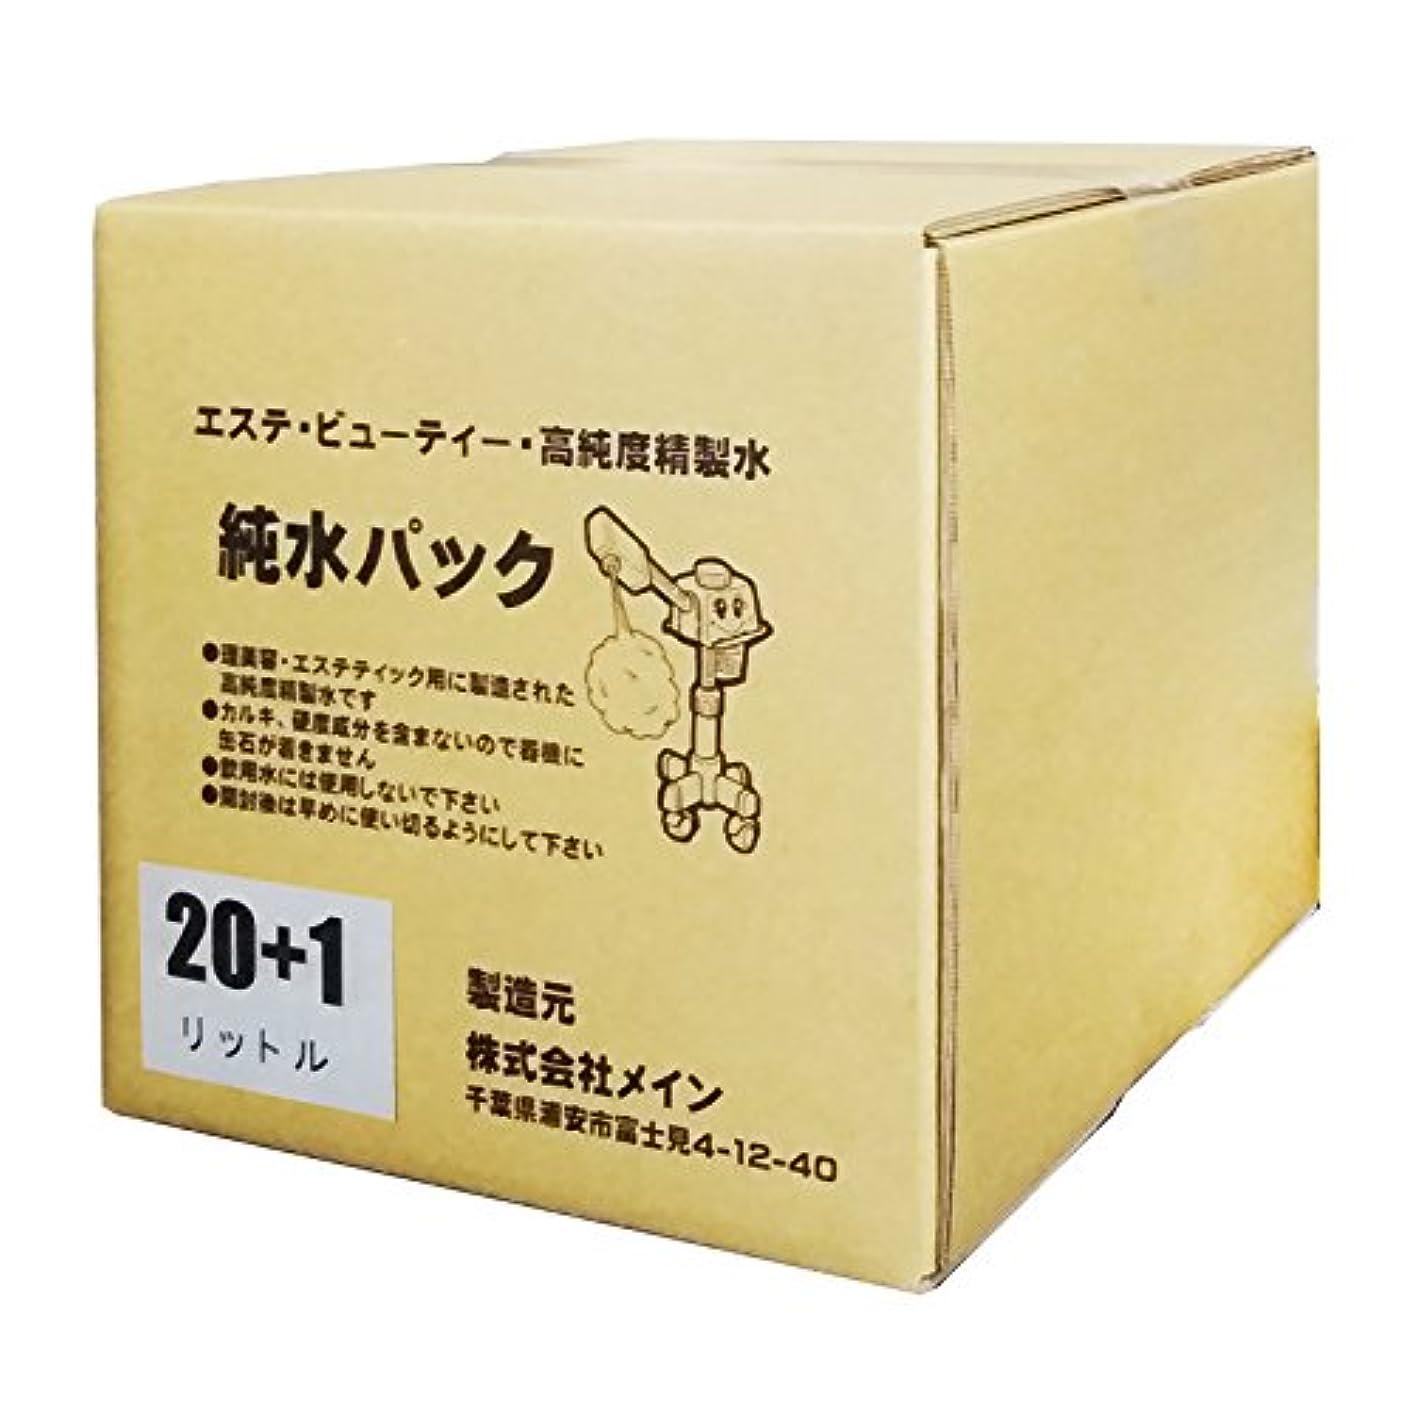 本グローバル取る増量中 21L 高純度 精製水 20 L + 1L 純水パック コック付 日本製 エステ スチーマー (1個) オートクレーブ 滅菌器